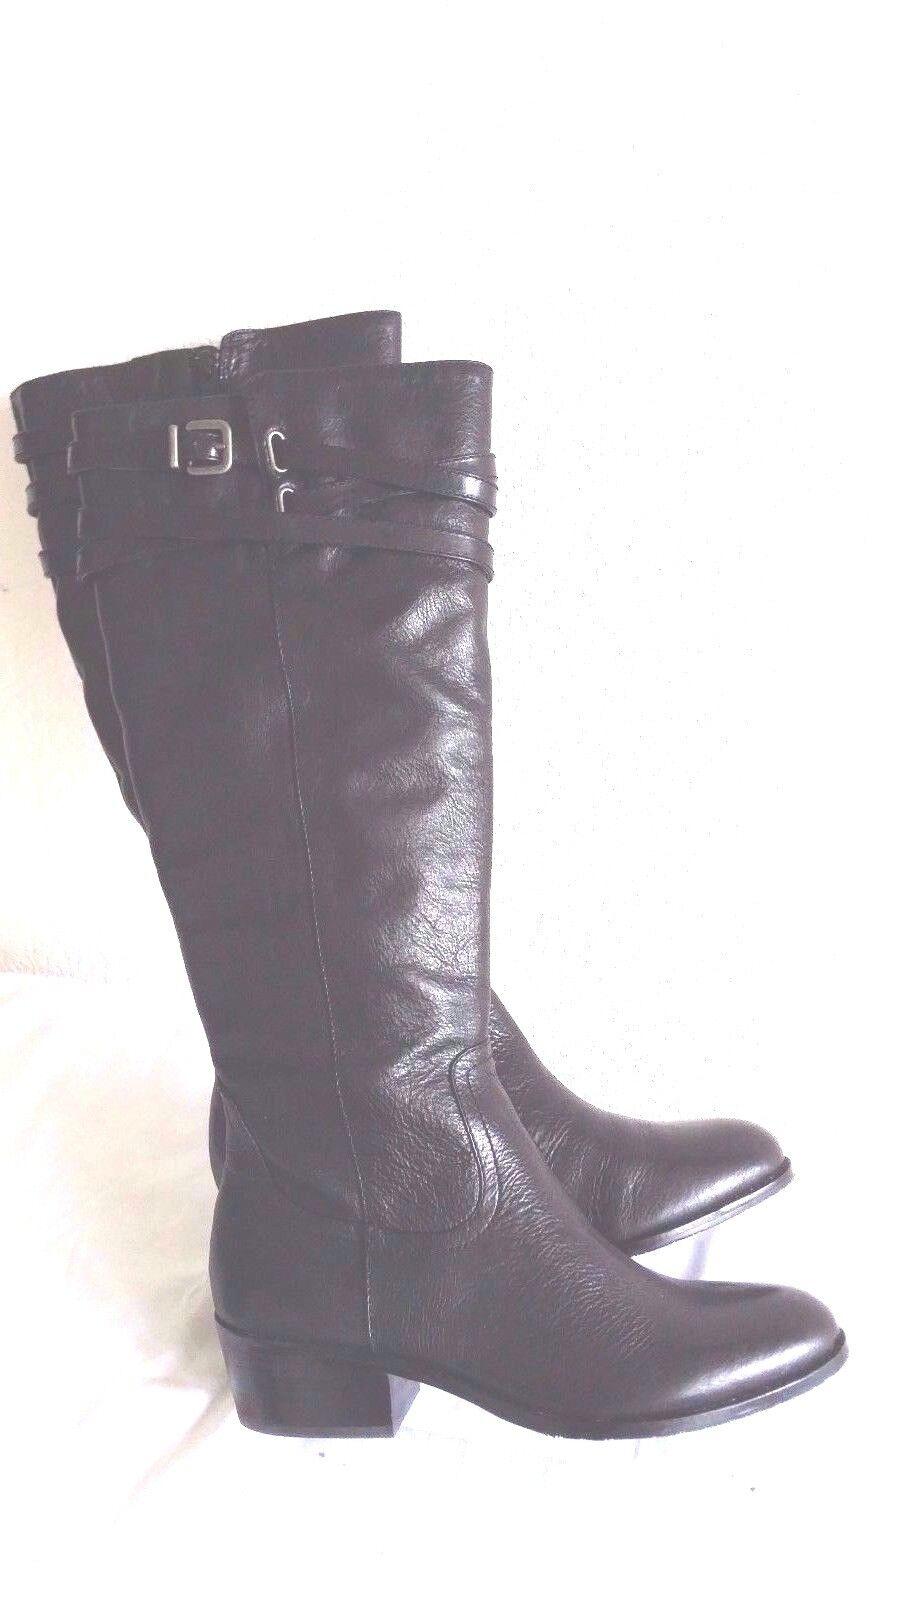 NEU Antonio Melani Jax001 Leder boots. sz9.5. RT159